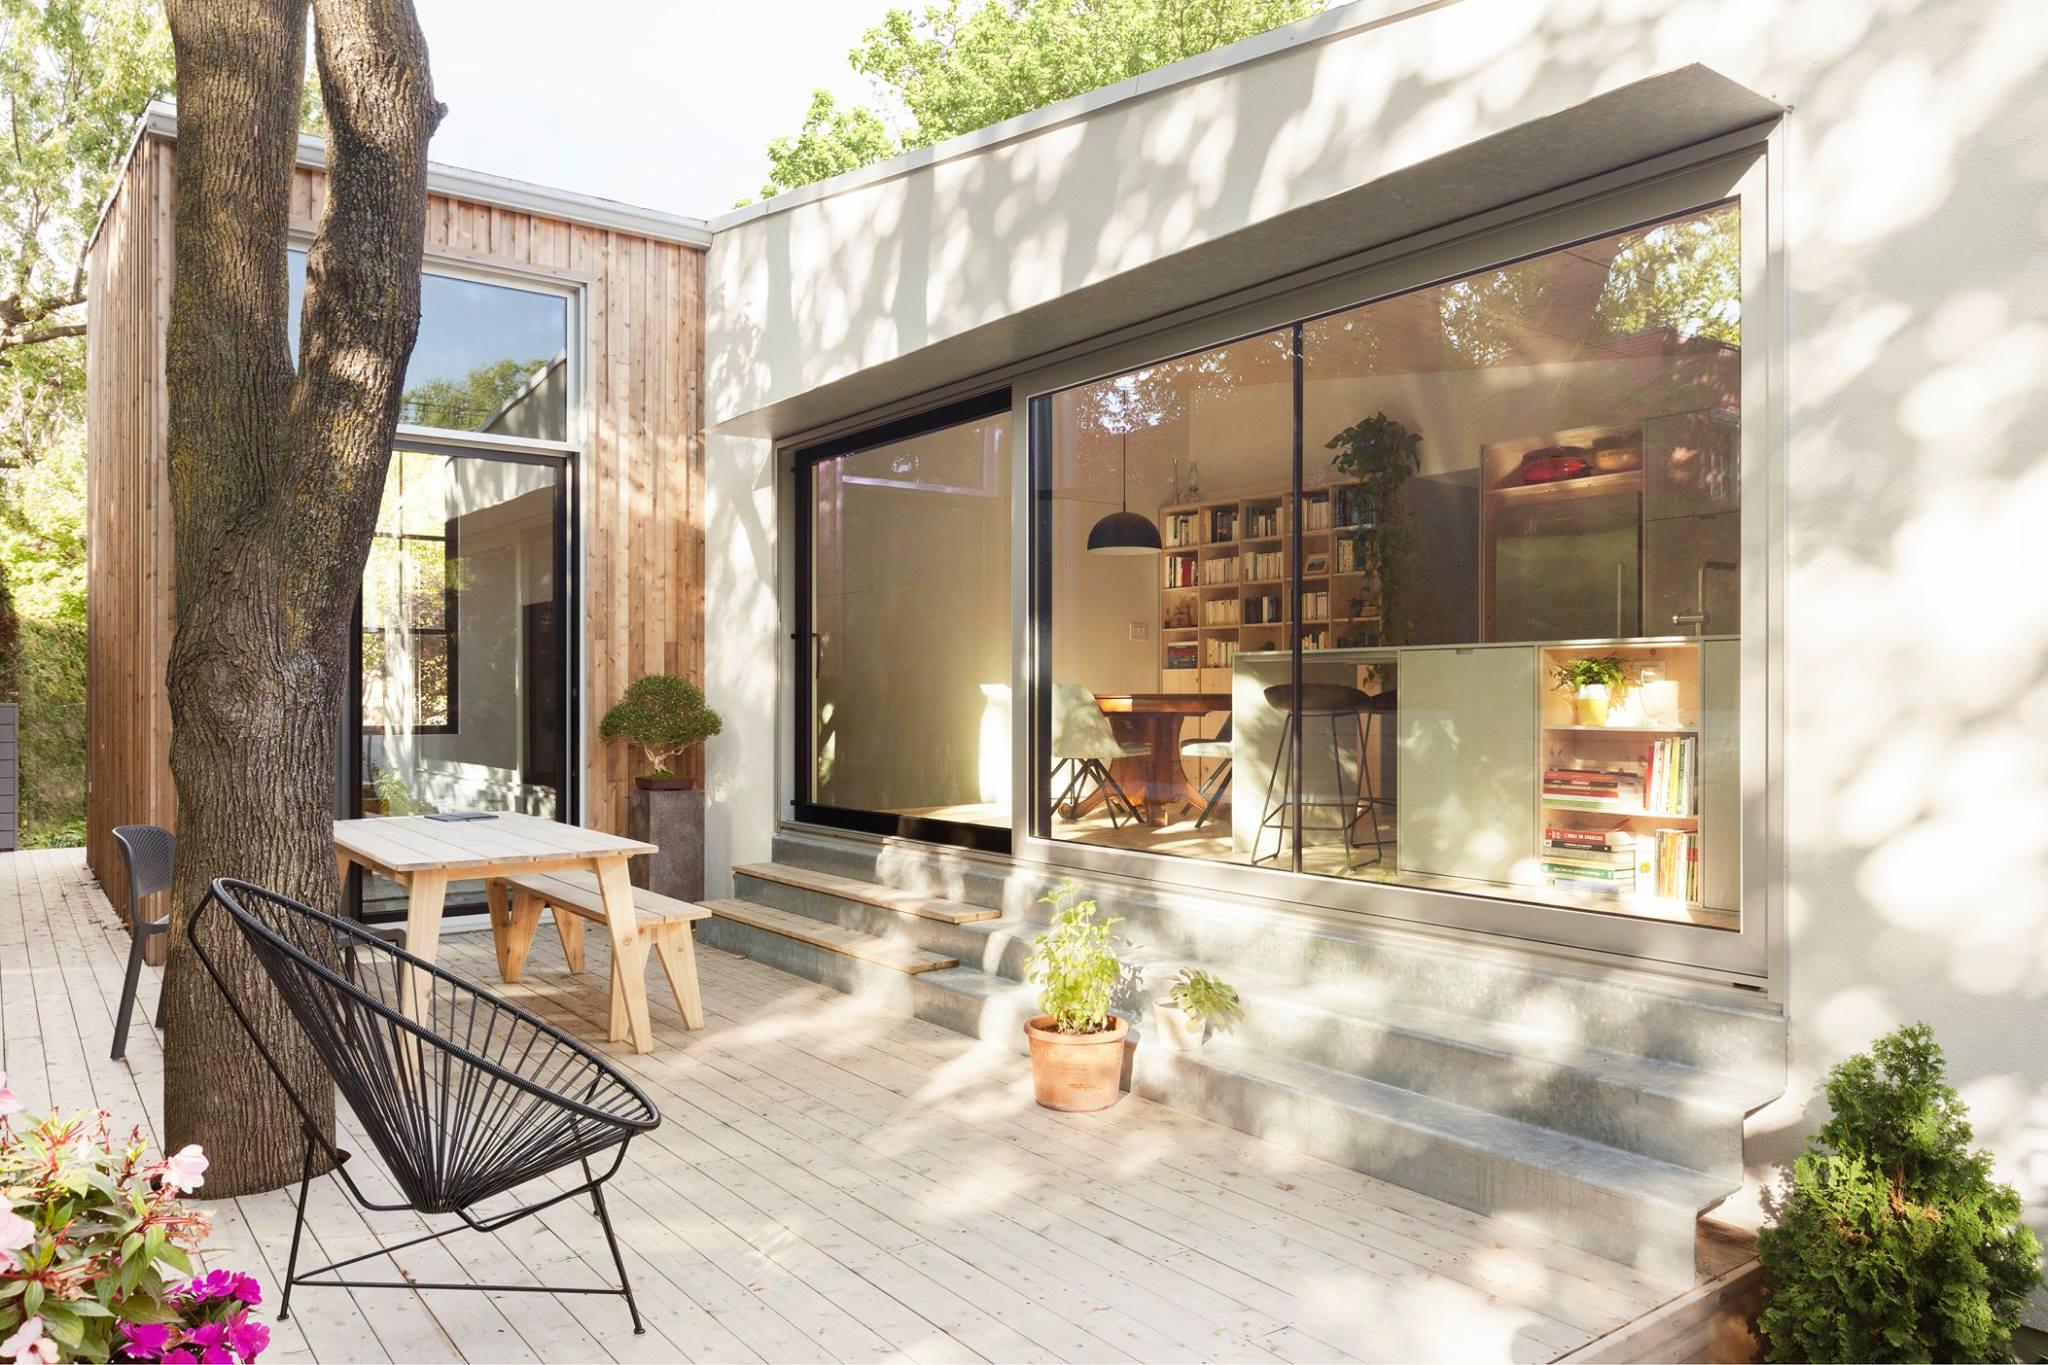 vendre sa maison et d m nager dans plus petit la mini. Black Bedroom Furniture Sets. Home Design Ideas